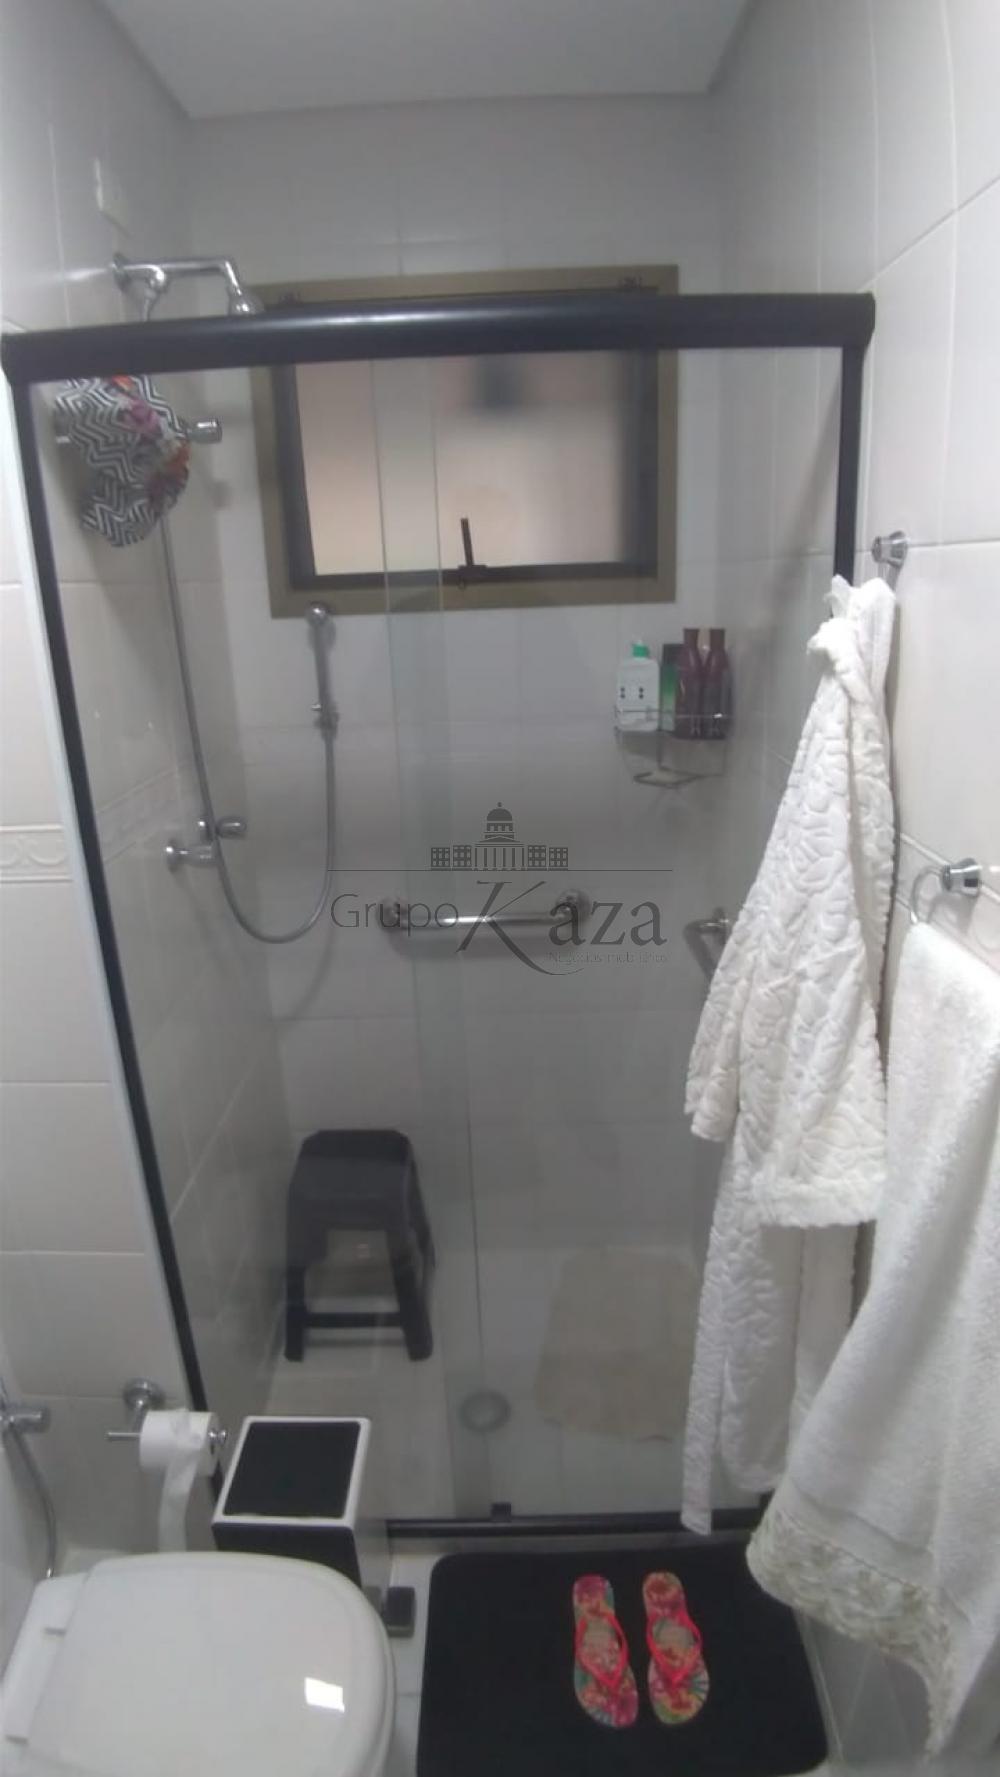 alt='Comprar Apartamento / Padrão em São José dos Campos R$ 930.000,00 - Foto 20' title='Comprar Apartamento / Padrão em São José dos Campos R$ 930.000,00 - Foto 20'